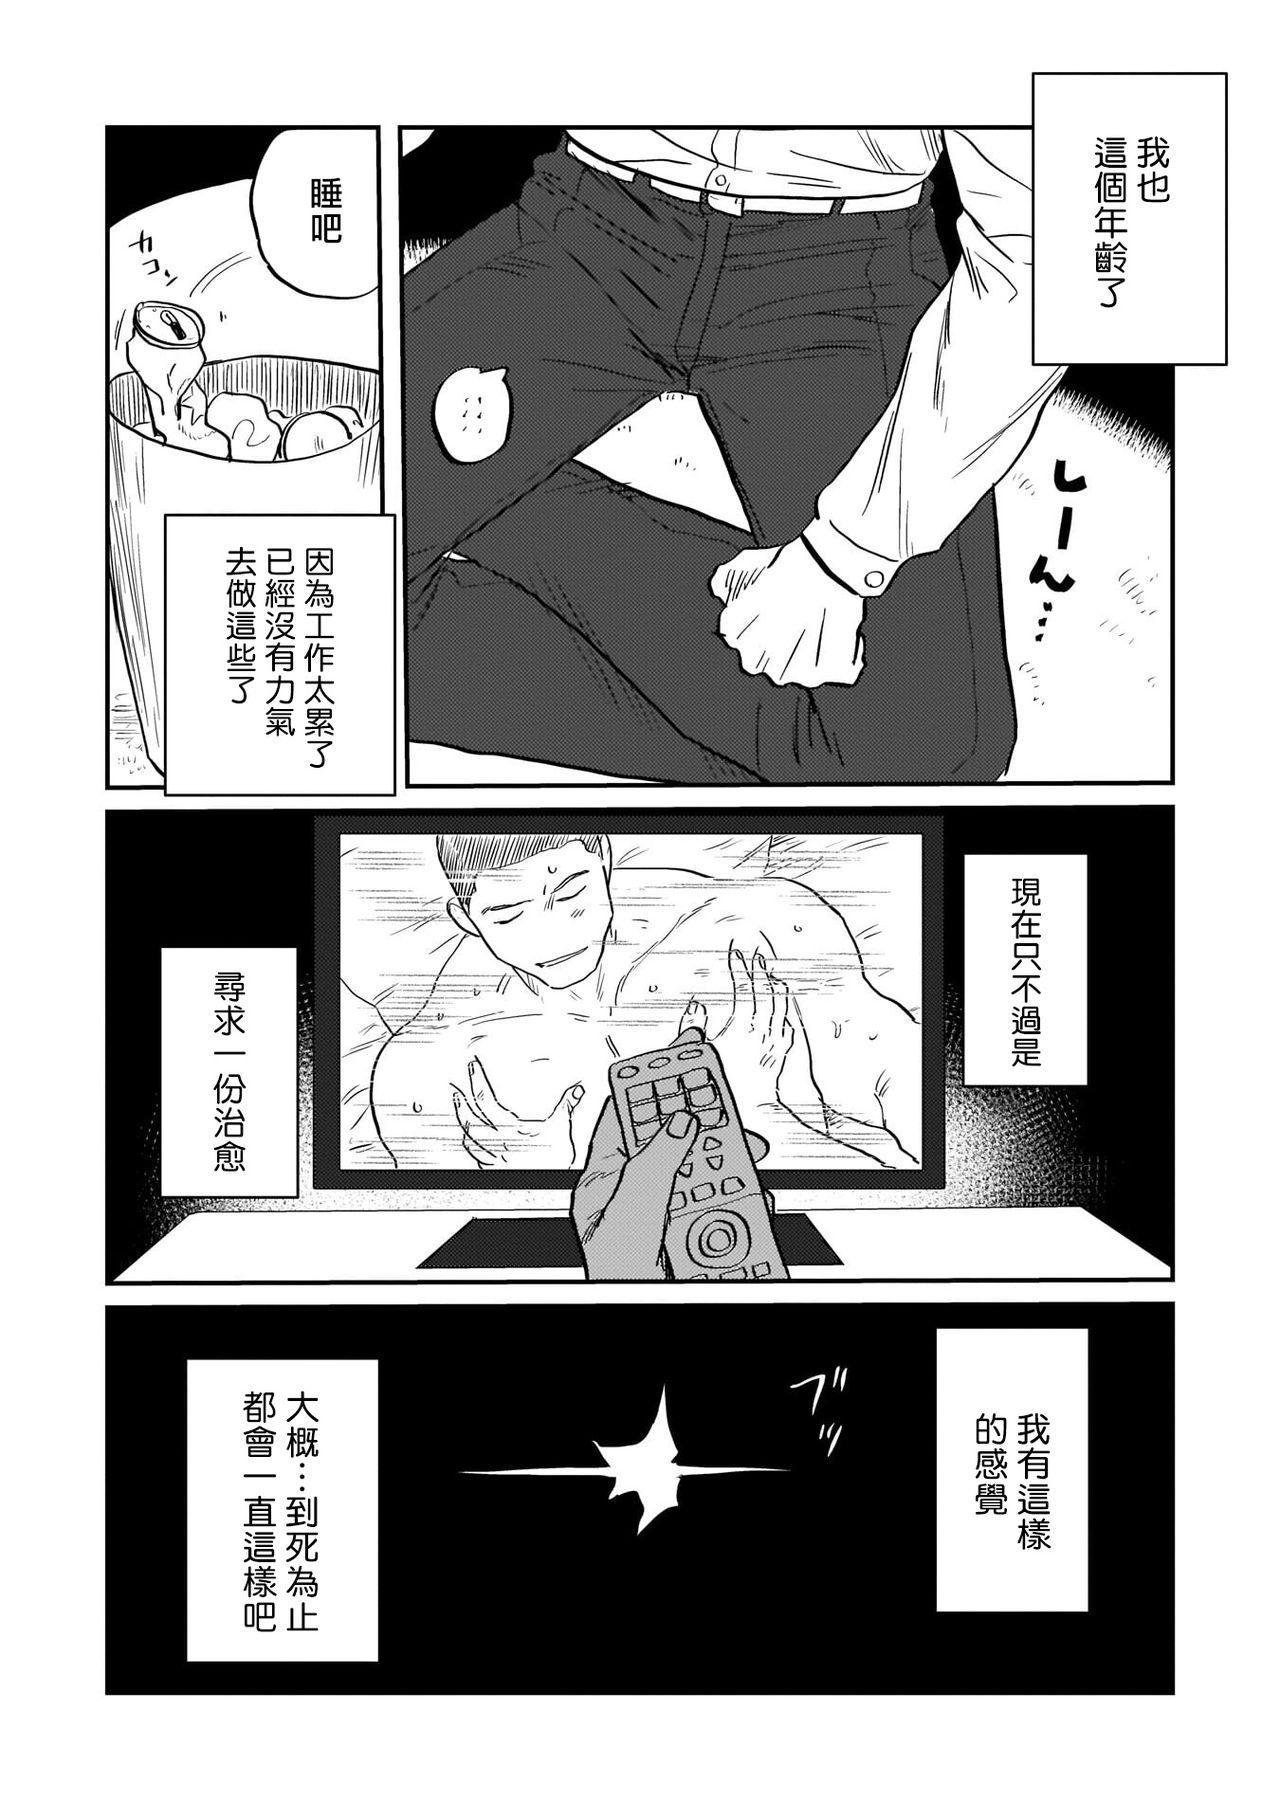 Kouhai no Oppai ga Suki Sugiru | 我太喜欢后辈的奶子了 Ch. 1-2 10